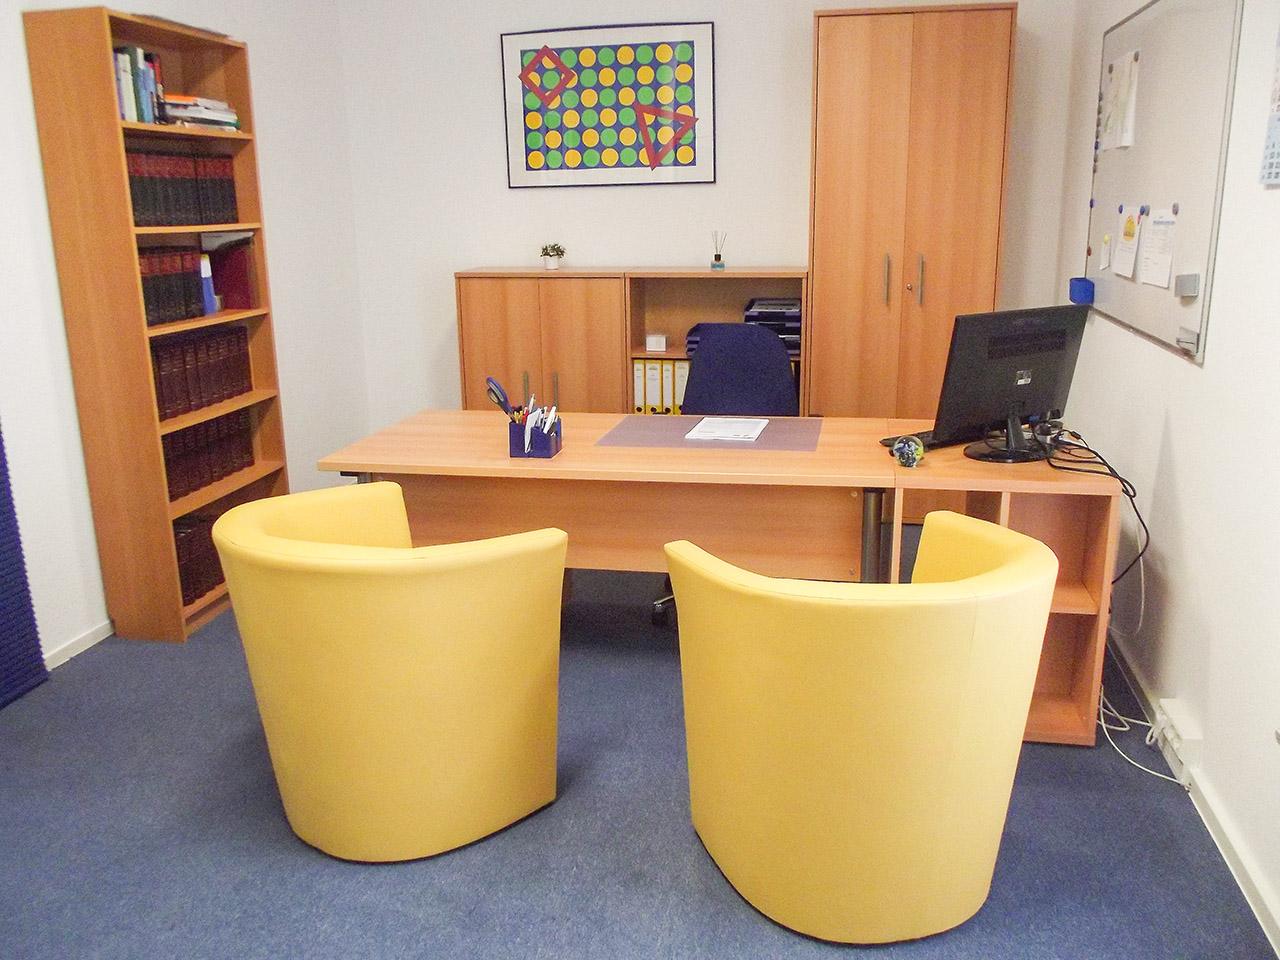 buerger-office-hagen-im-bremischen-buergermarkt